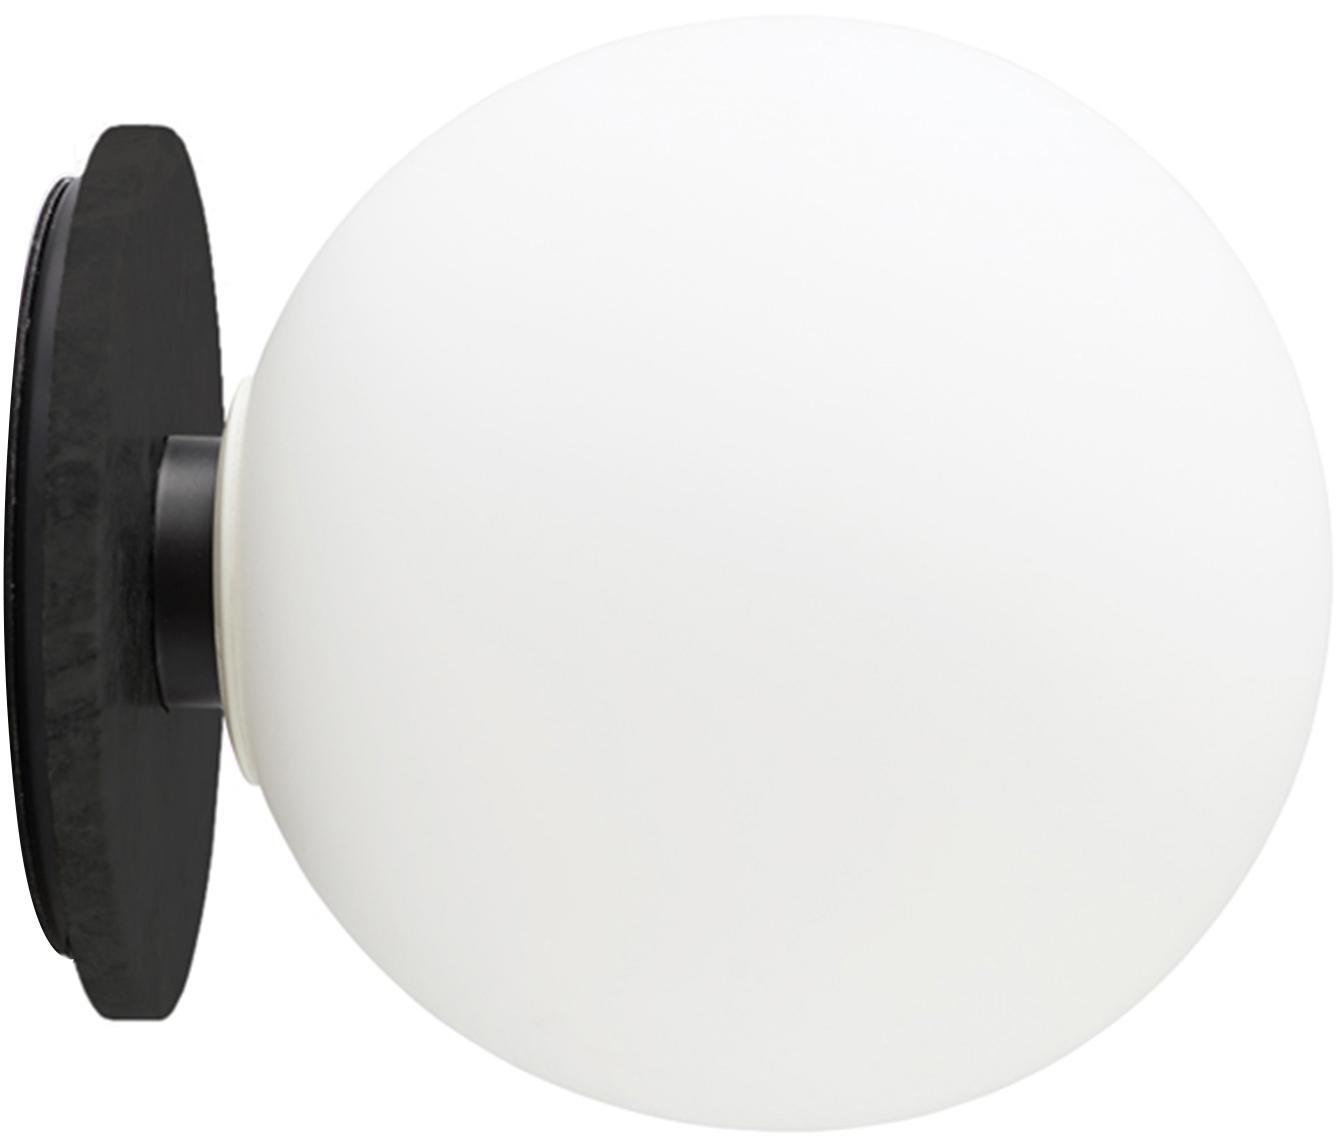 Kinkiet/ lampa suitowa LED TR Bulb, Biały, czarny, Ø 20 x G 22 cm